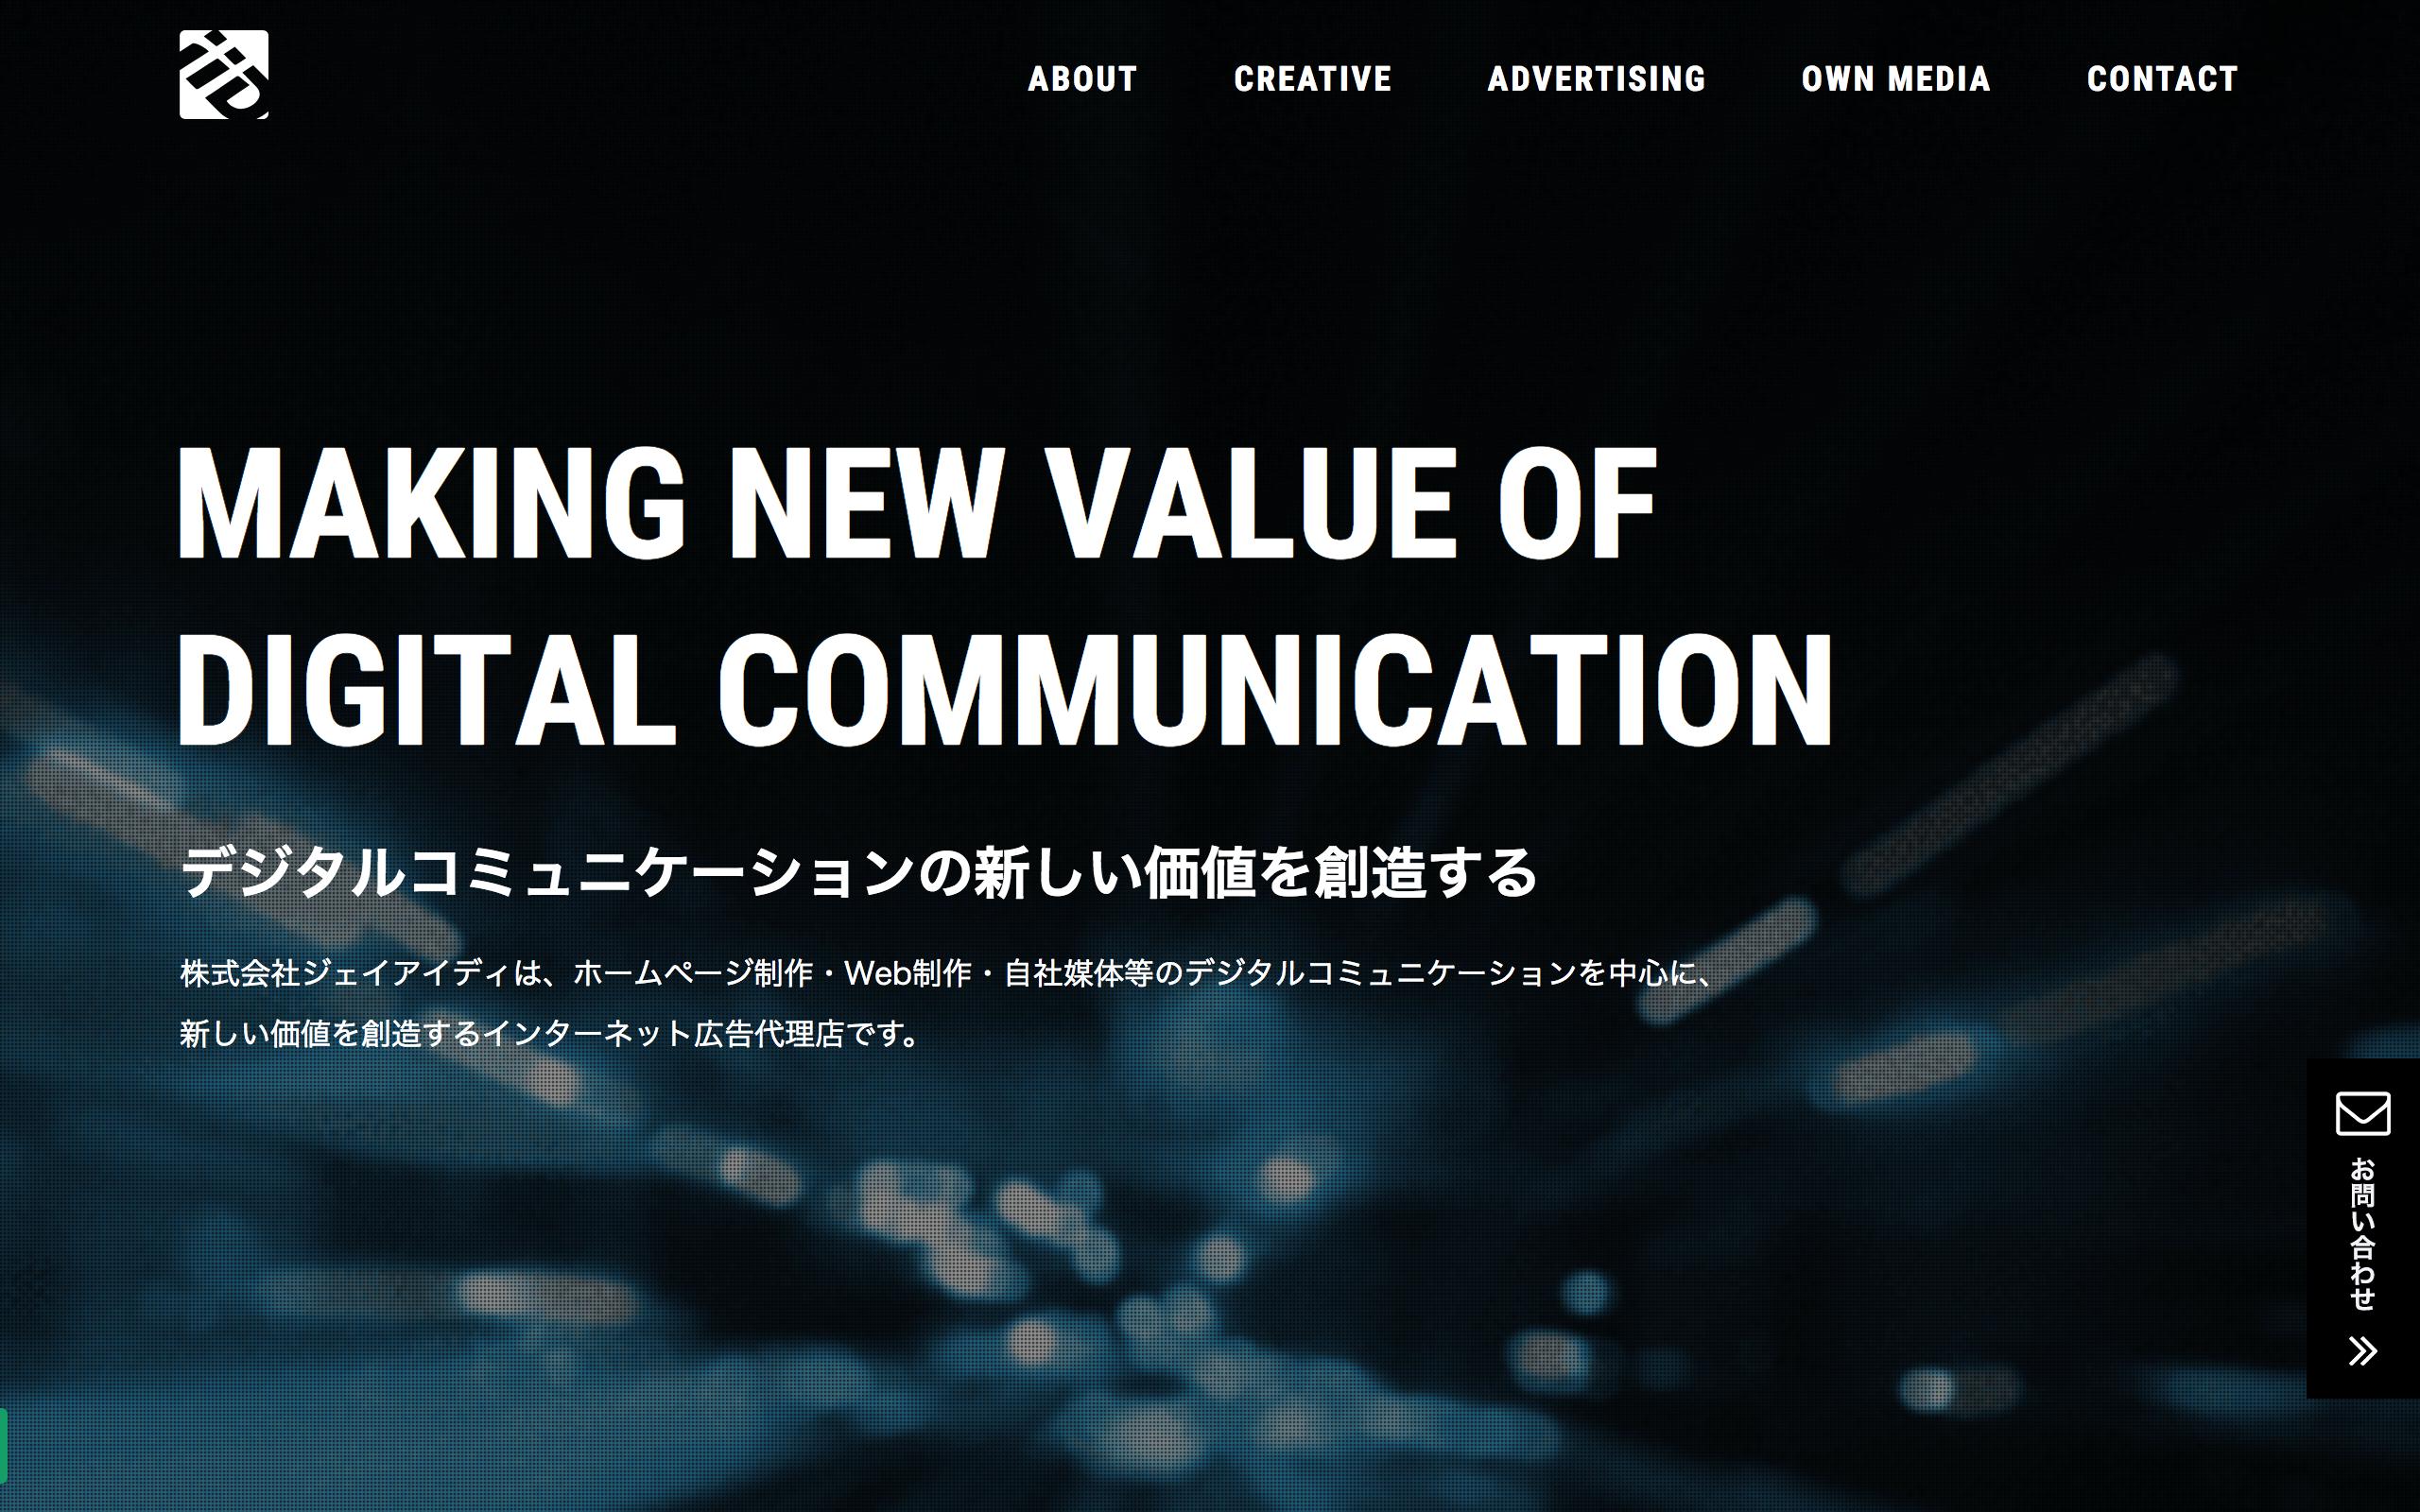 広告代理店コーポレートサイトのPC版トップページのスクリーンショット